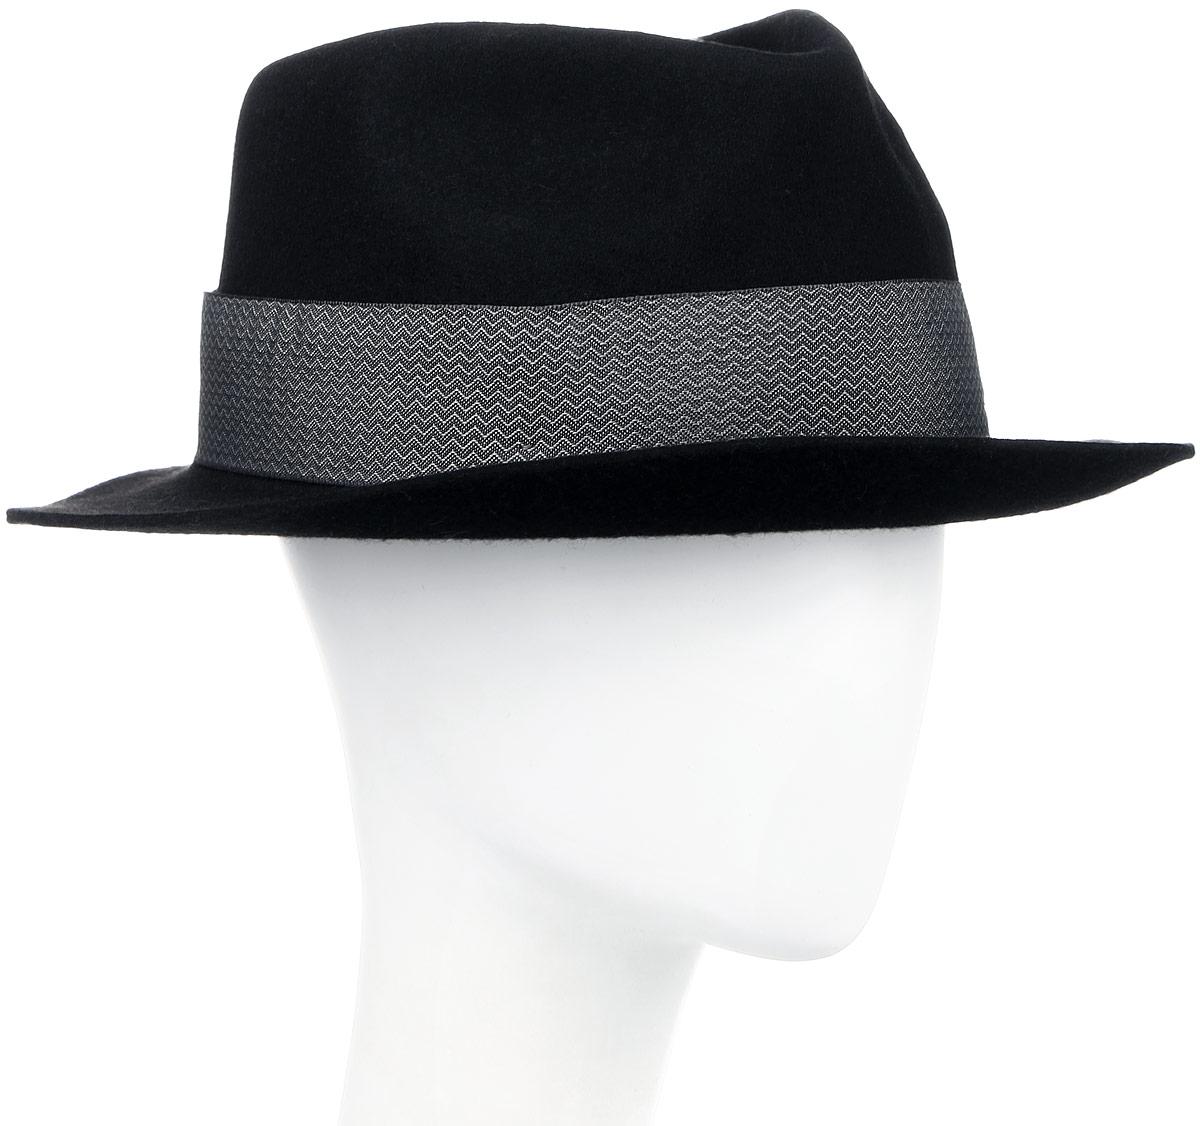 Шляпа Goorin Brothers, цвет: черный. 600-9305. Размер M (57)600-9305Элегантная шляпа Goorin Brothers, выполненная из высококачественной натуральной шерсти, дополнит любой образ. Модель с невысокой вертикальной тульей с продольным заломом и загнутыми вверх полями, которые можно изгибать по желанию. Шляпа-федора оформлена узорчатой лентой с перетяжкой, которая обозначена маленьким логотипом Goorin Bros. Внутри модель дополнена плотной тесьмой для комфортной посадки изделия по голове. Аккуратные поля шляпы придадут вашему образу таинственности и шарма. Такая шляпа подчеркнет вашу неповторимость и прекрасный вкус.